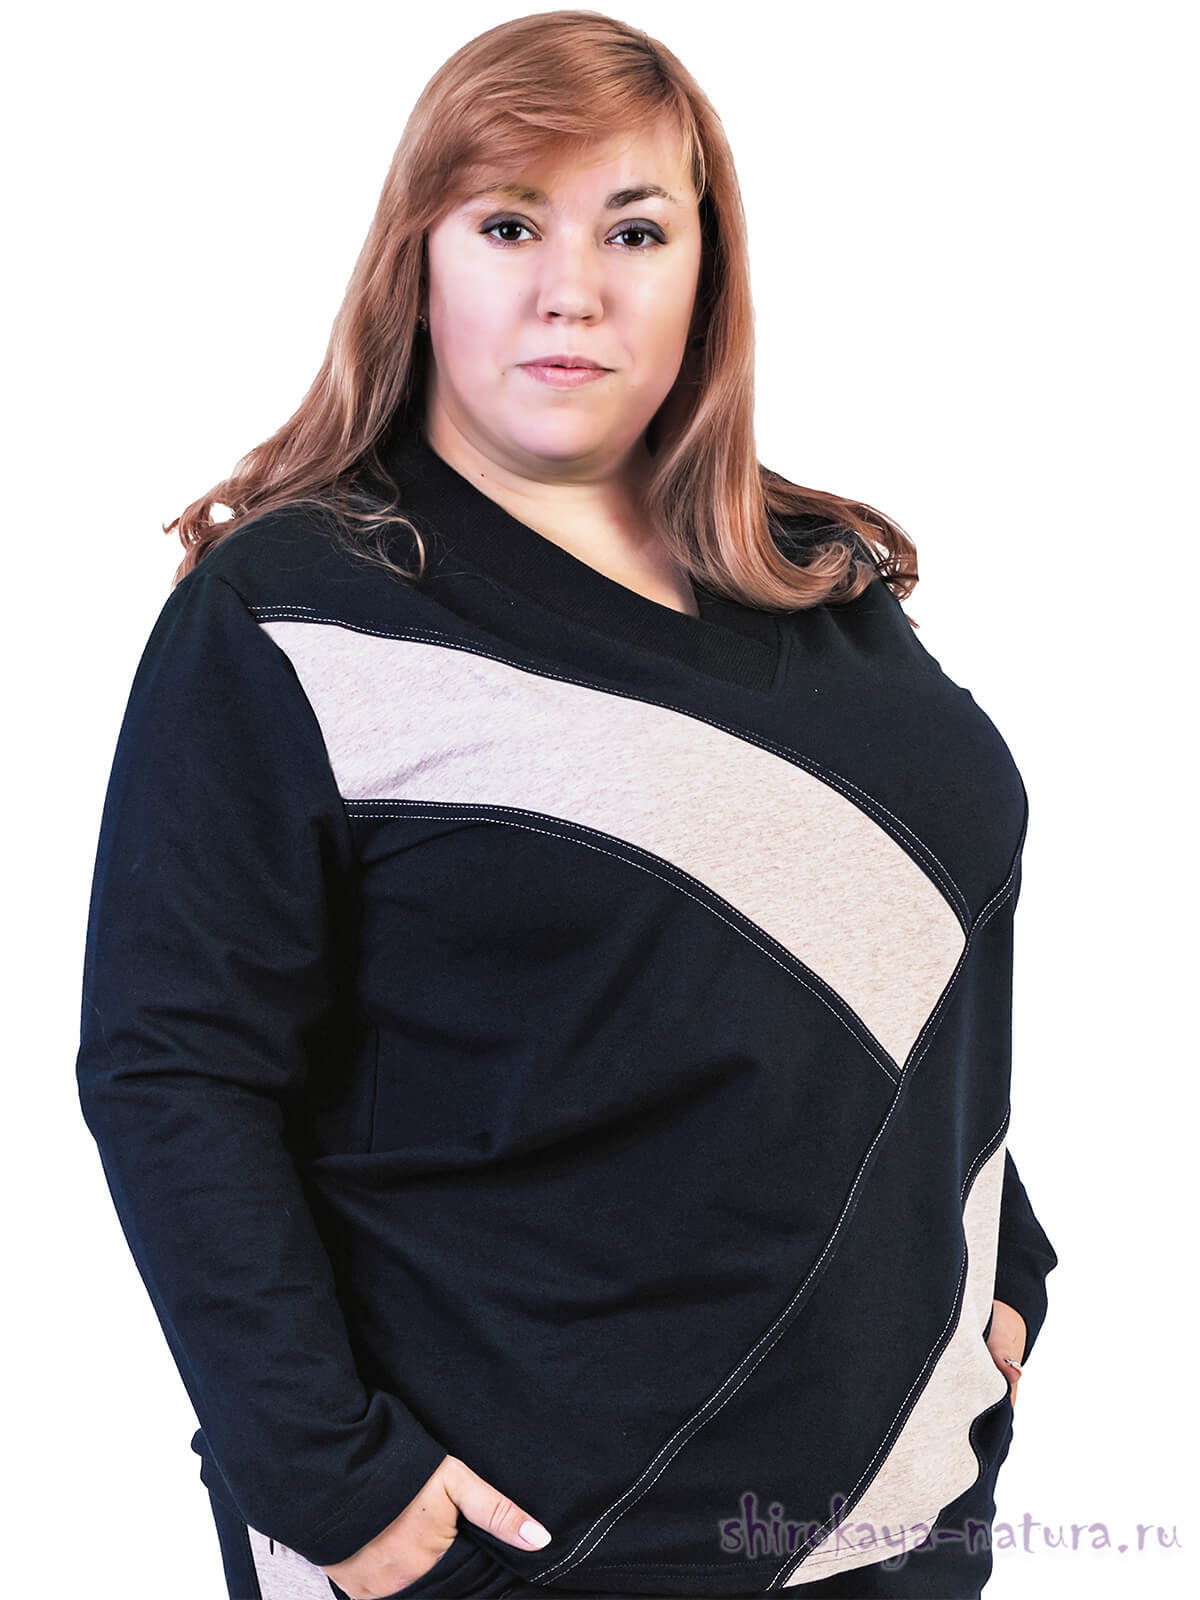 спортивные костюмы женские больших размеров фото